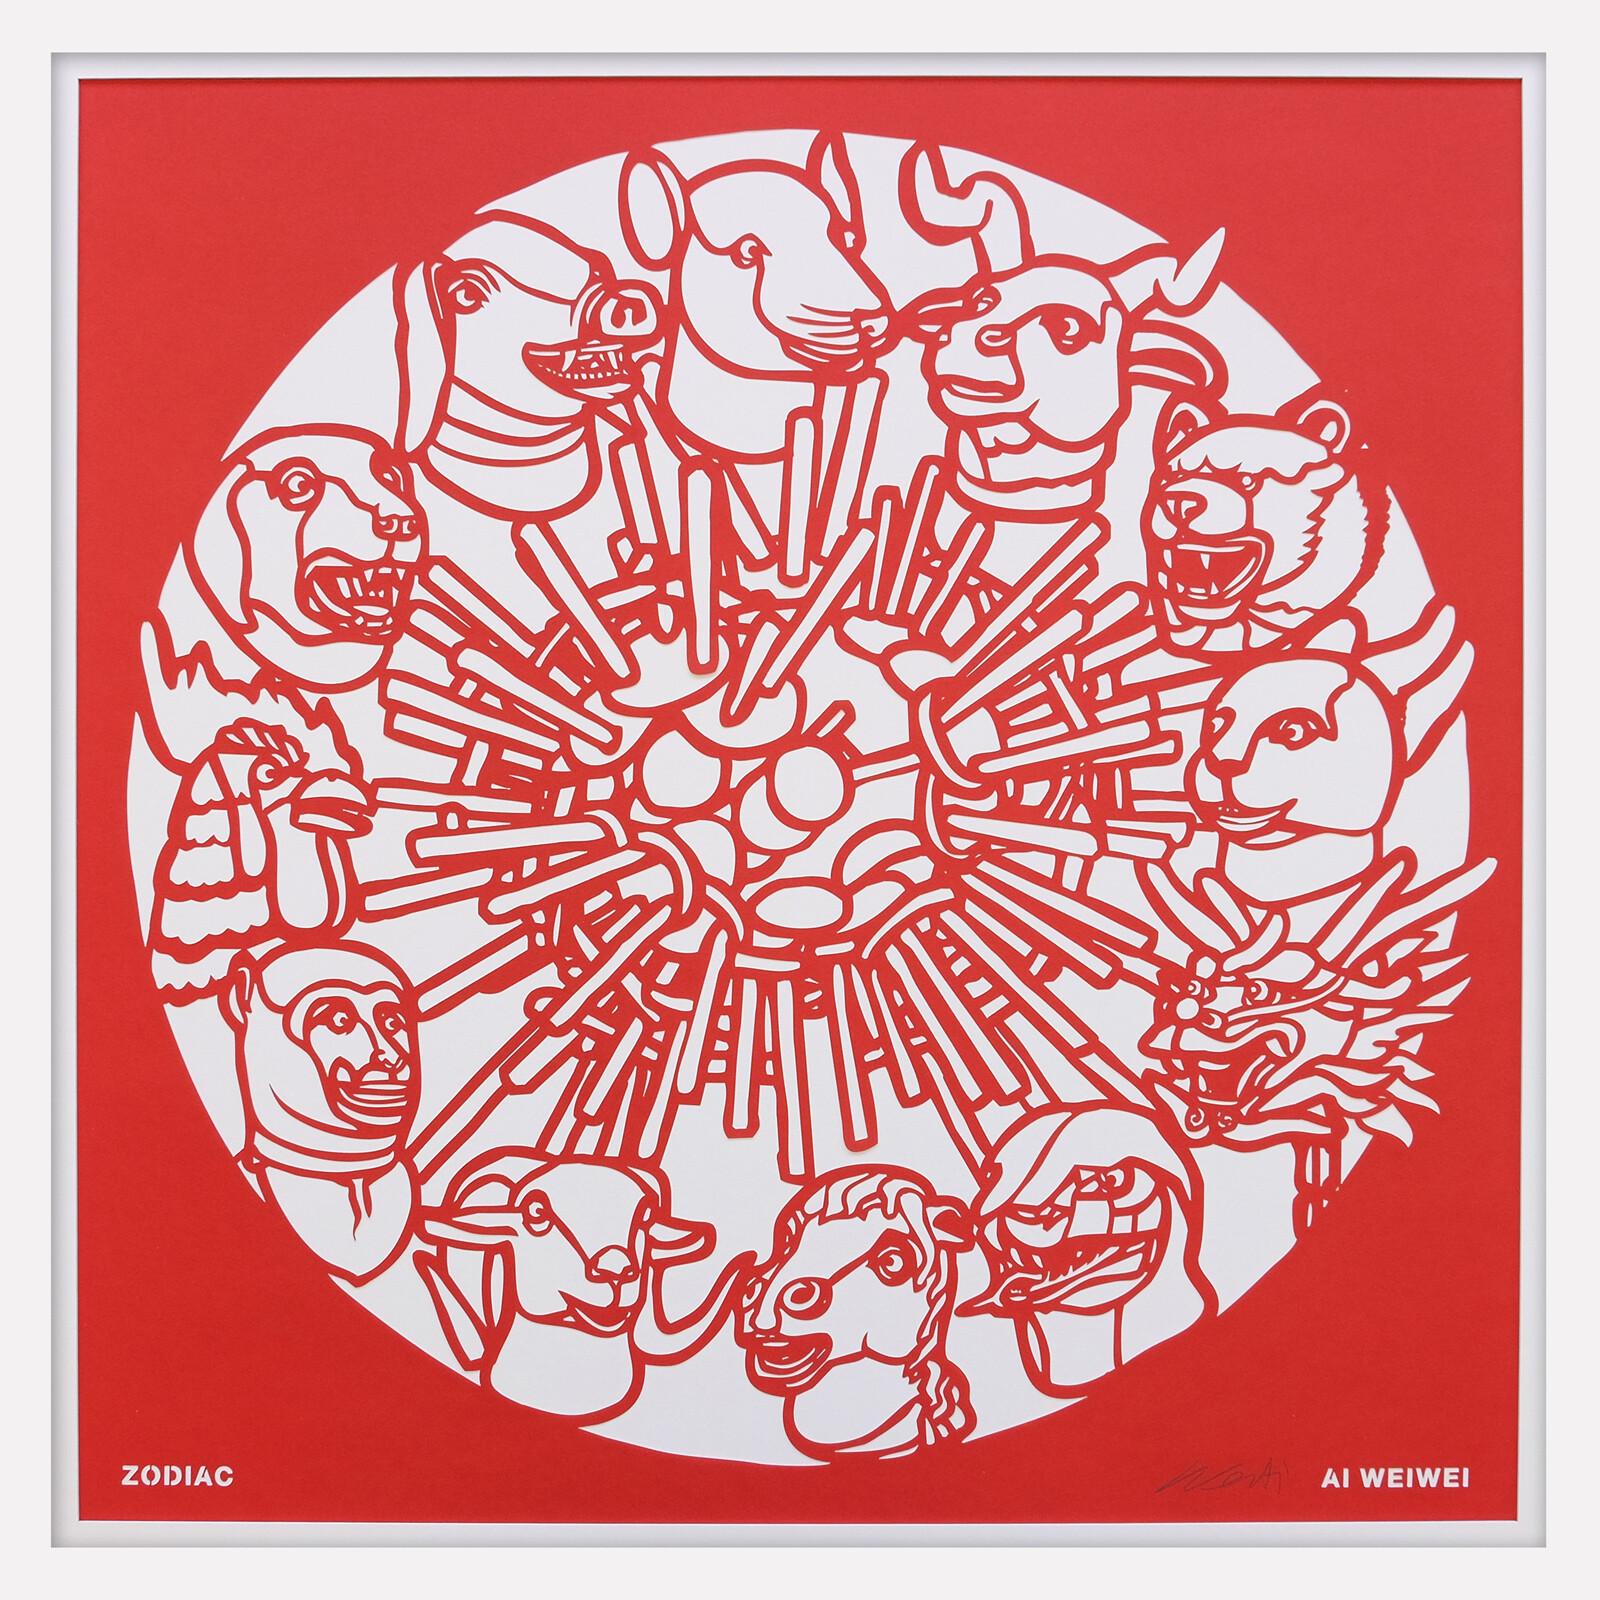 ZODIAC - Ai Weiwei